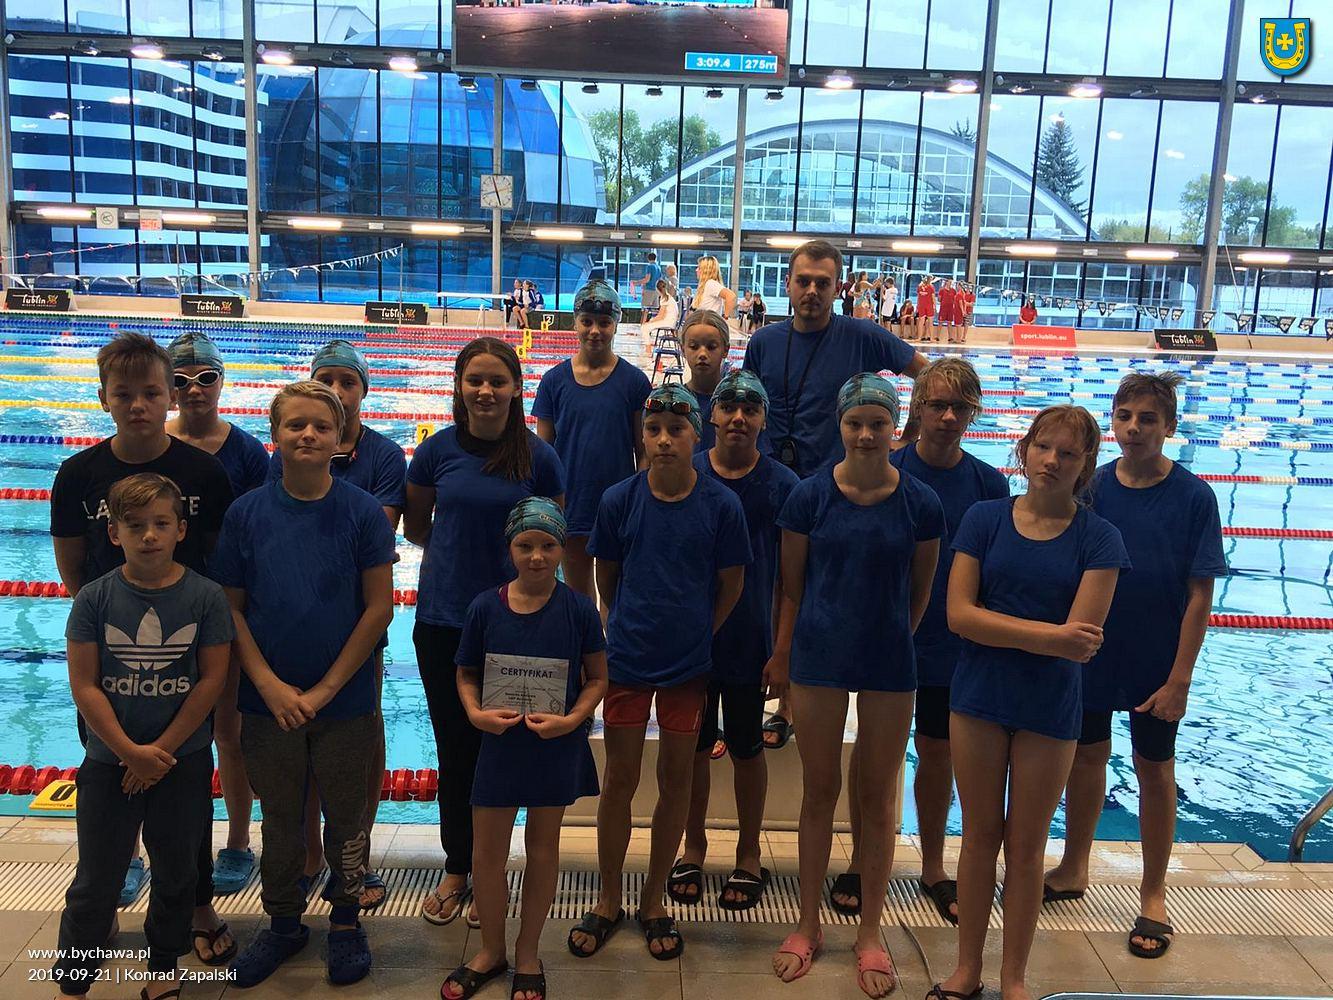 Uczniowski Klub Pływacki Bychawa wziął udział w IV rundzie Ligi Dzieci i Młodzików 11-12 lat obywającej się w Rykach